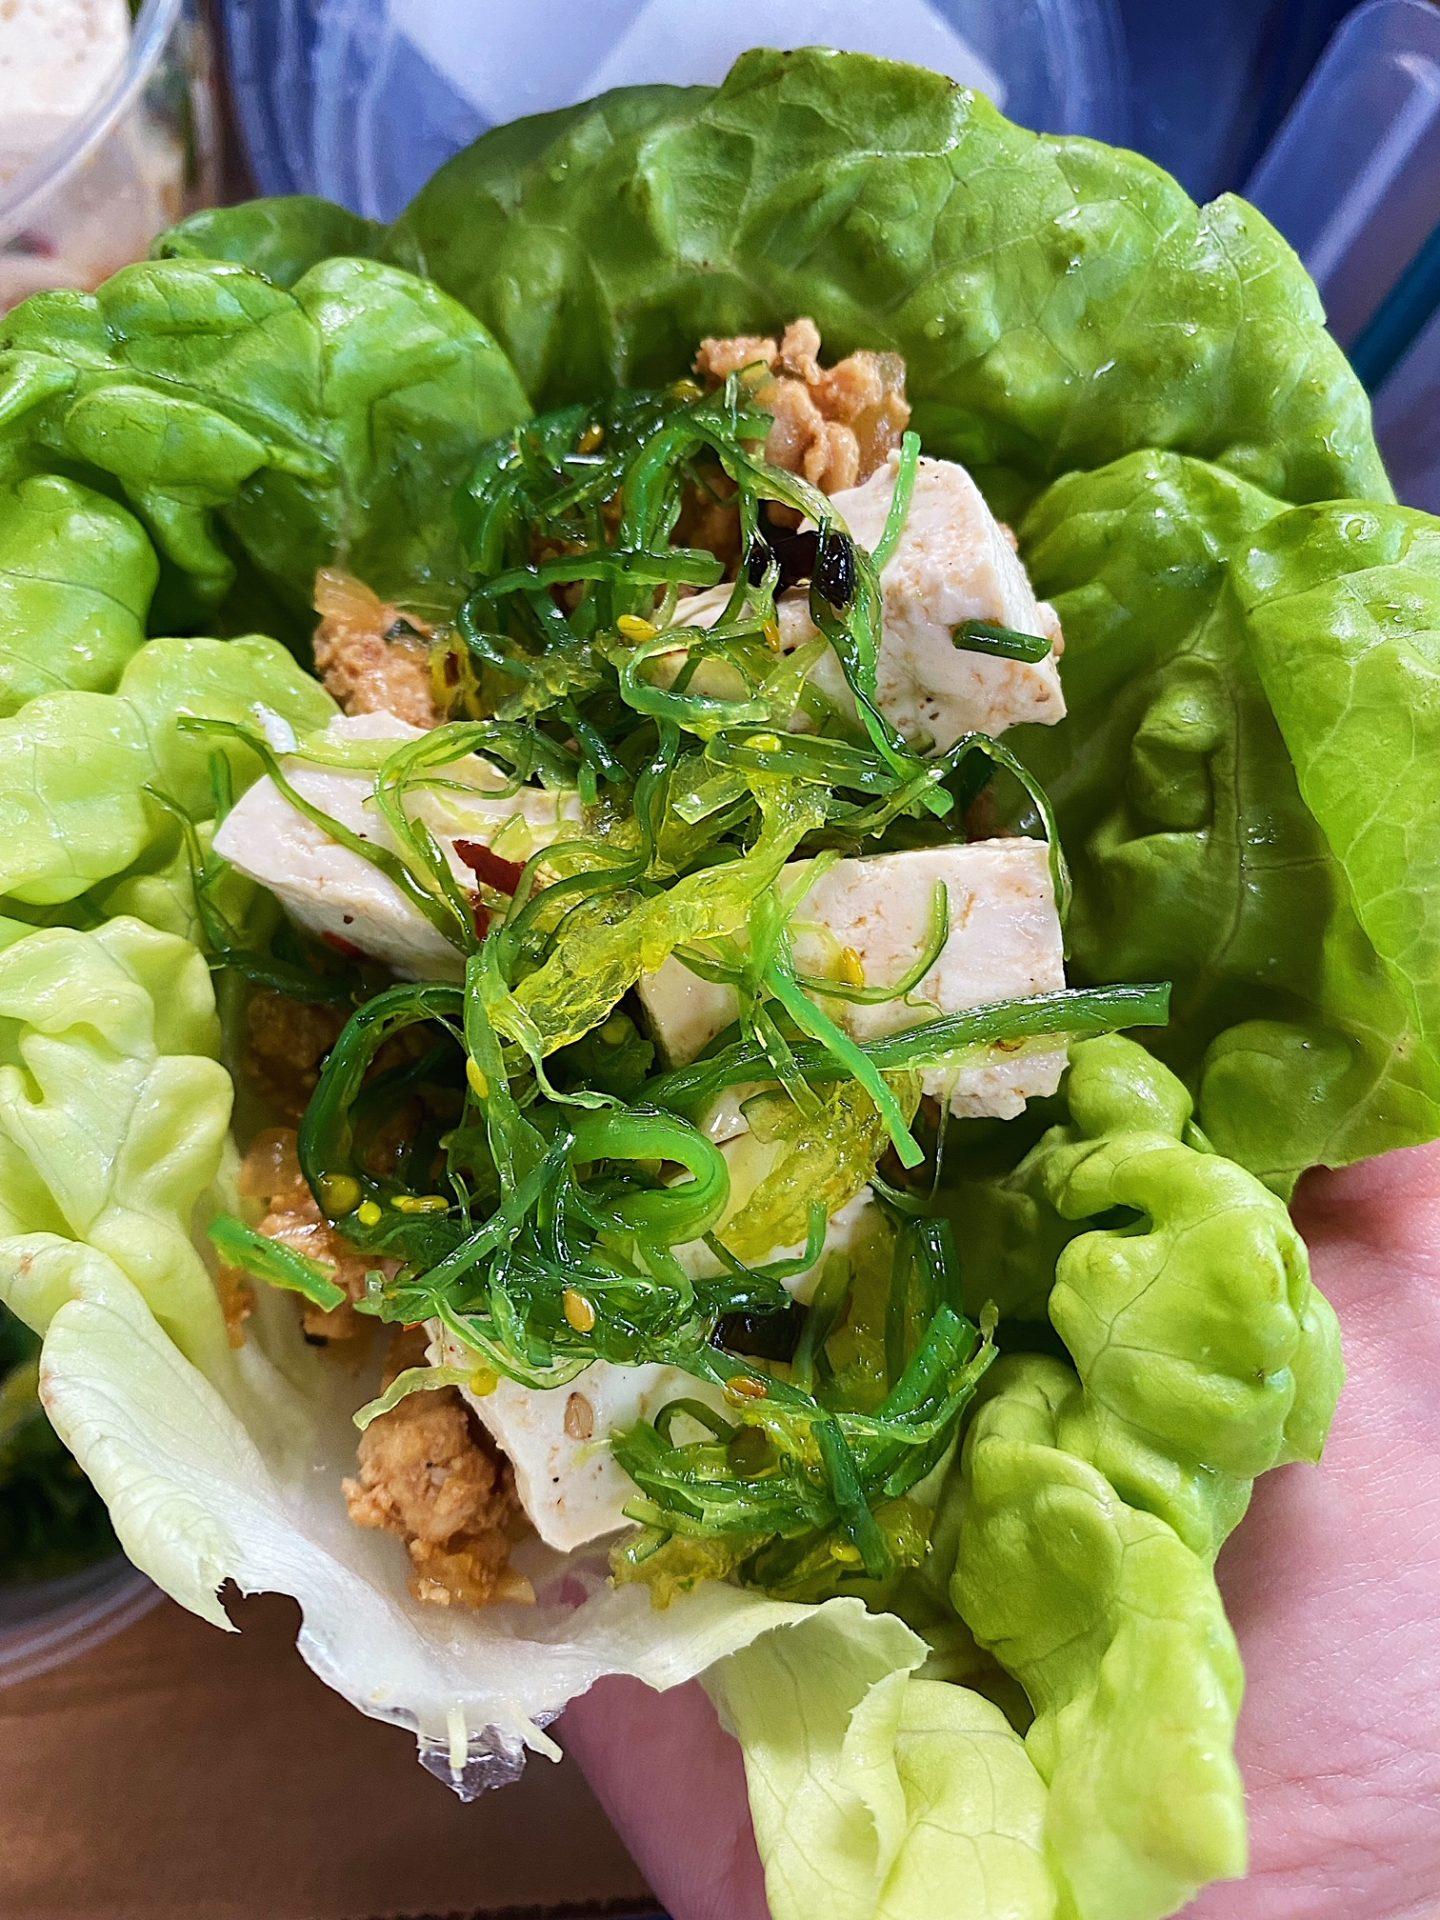 Put together lettuce wraps